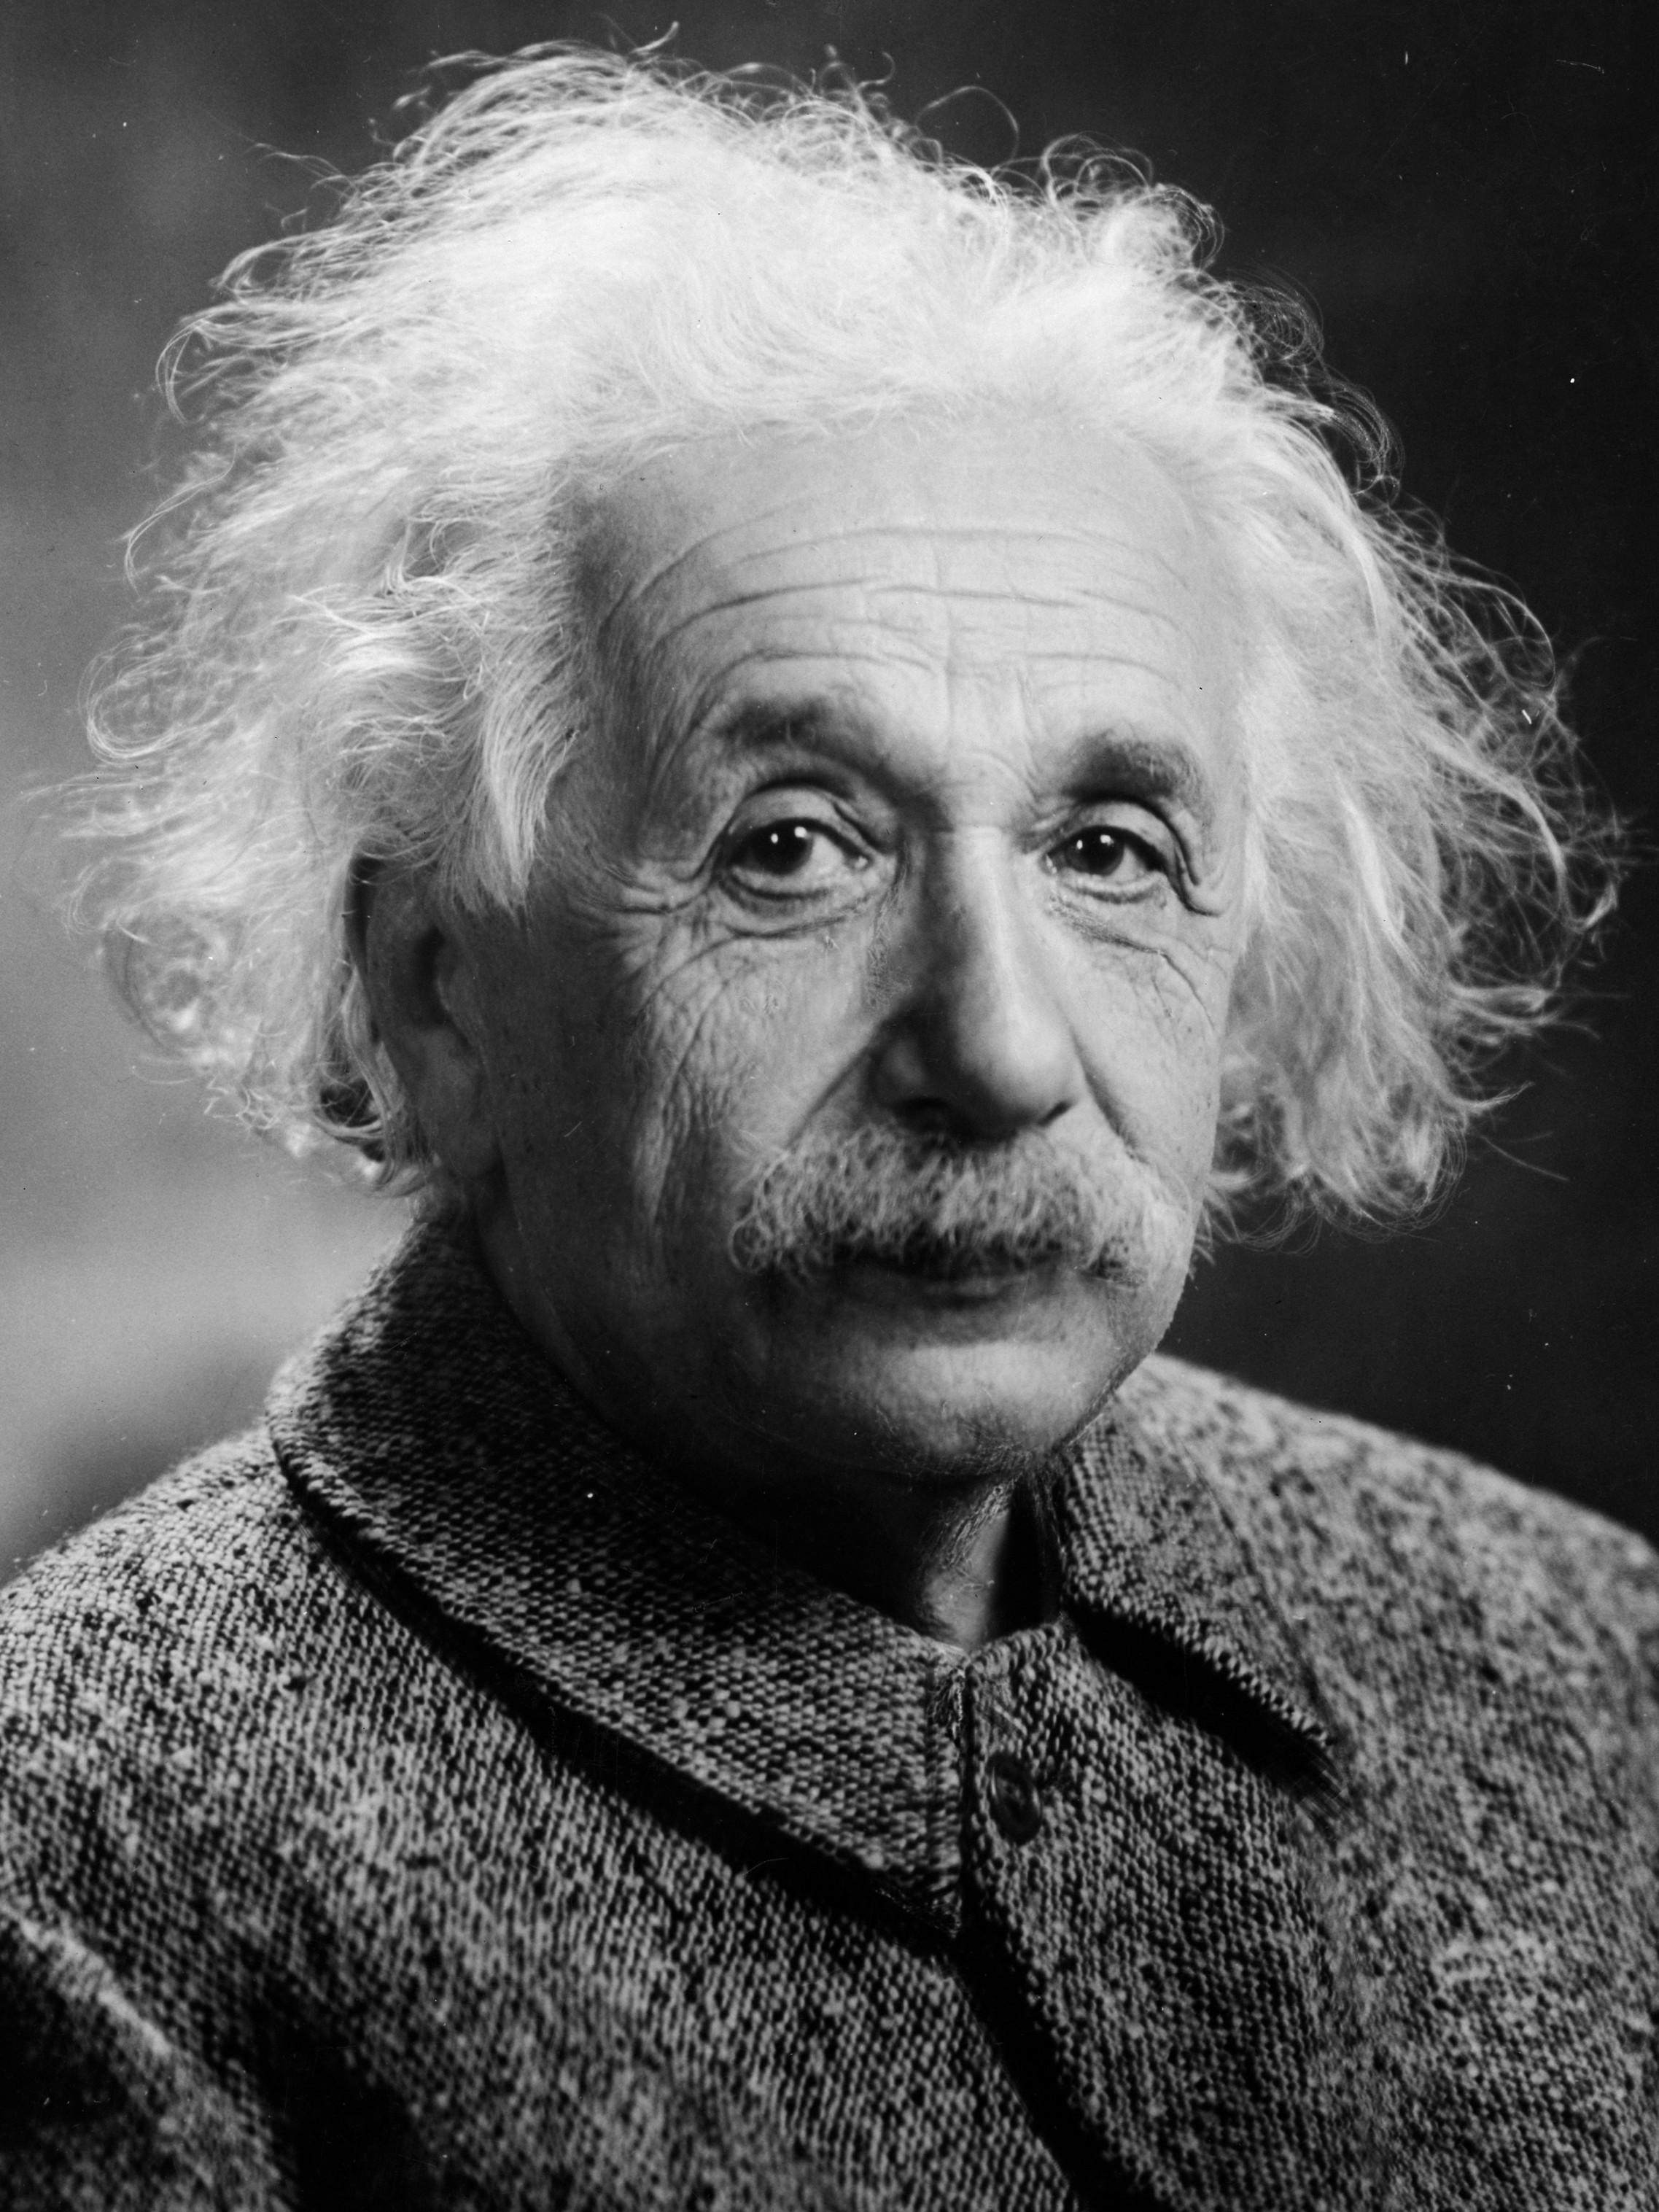 لماذا الاشتراكية؟ مقال تاريخي بقلم العالم الشهير ألبرت أينشتين منشور سنة 1949